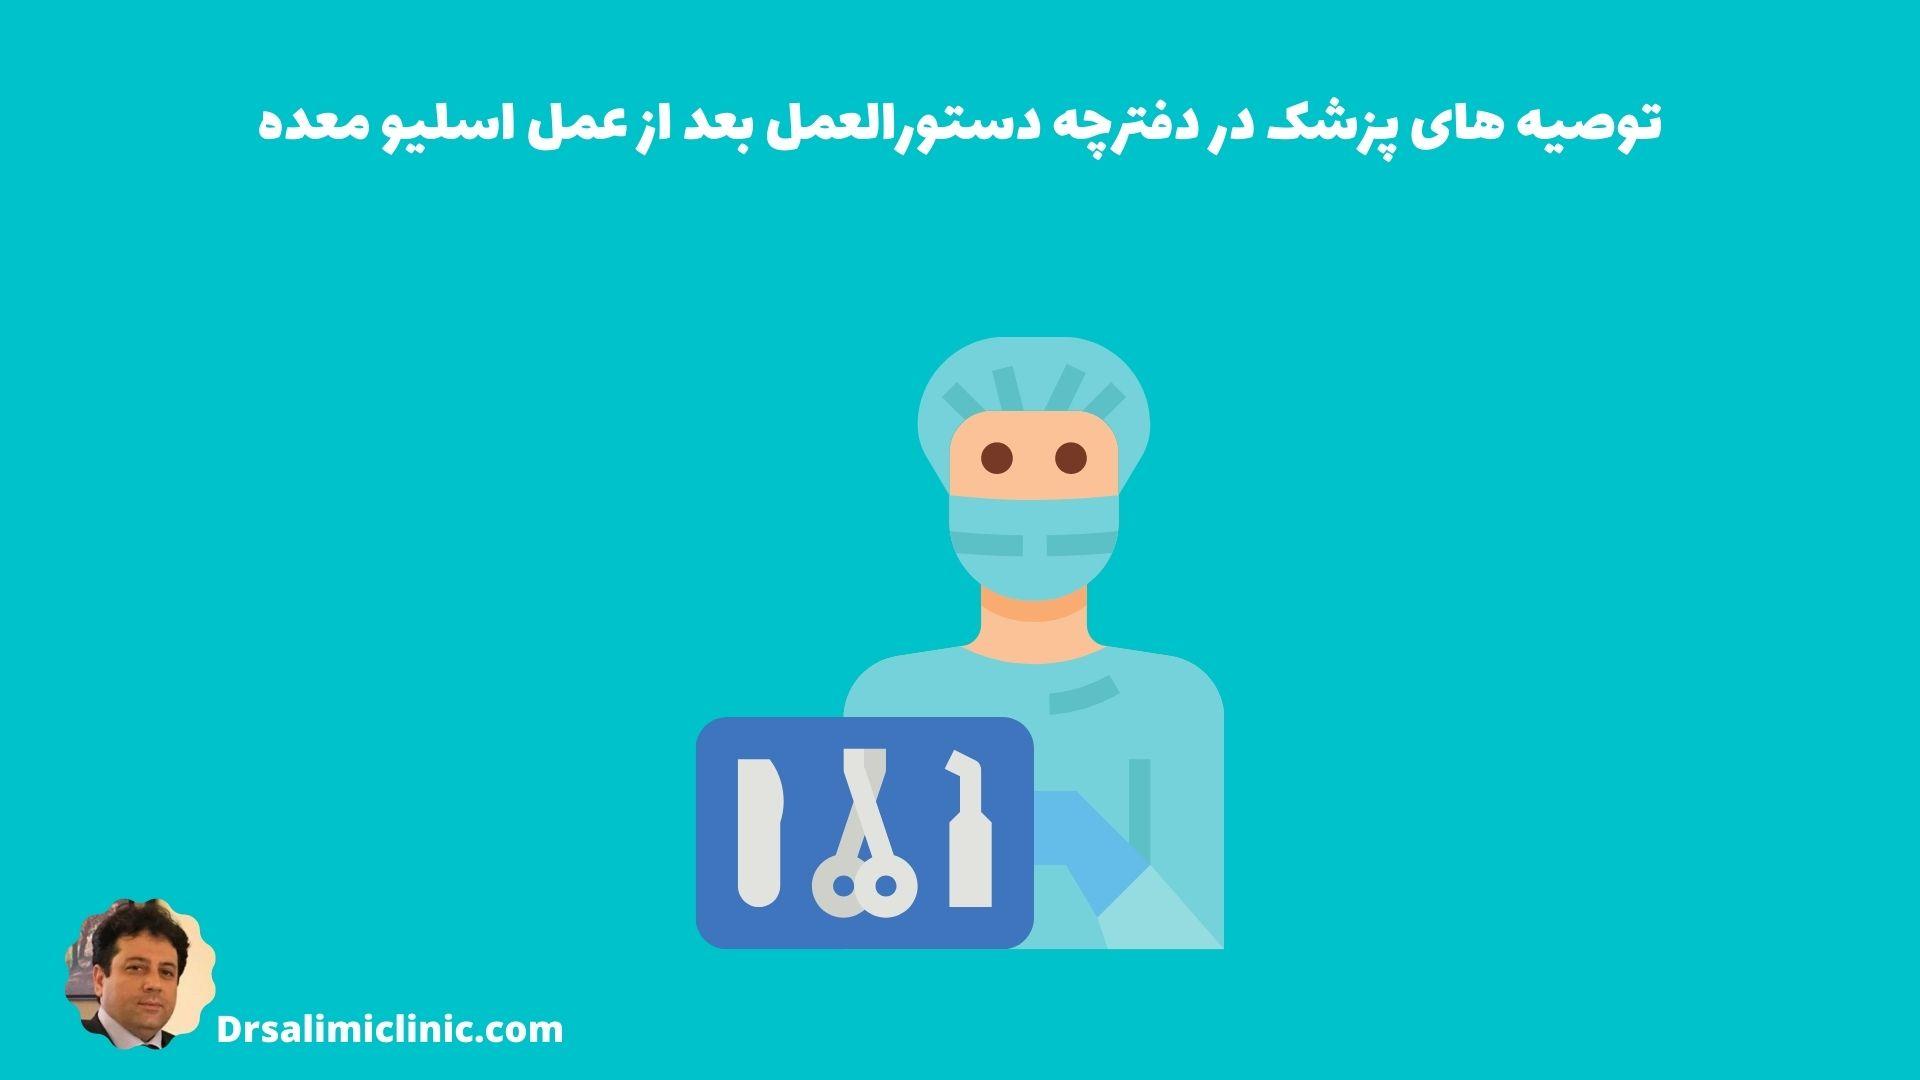 توصیه های پزشک در دفترچه دستورالعمل بعد از عمل اسلیو معده